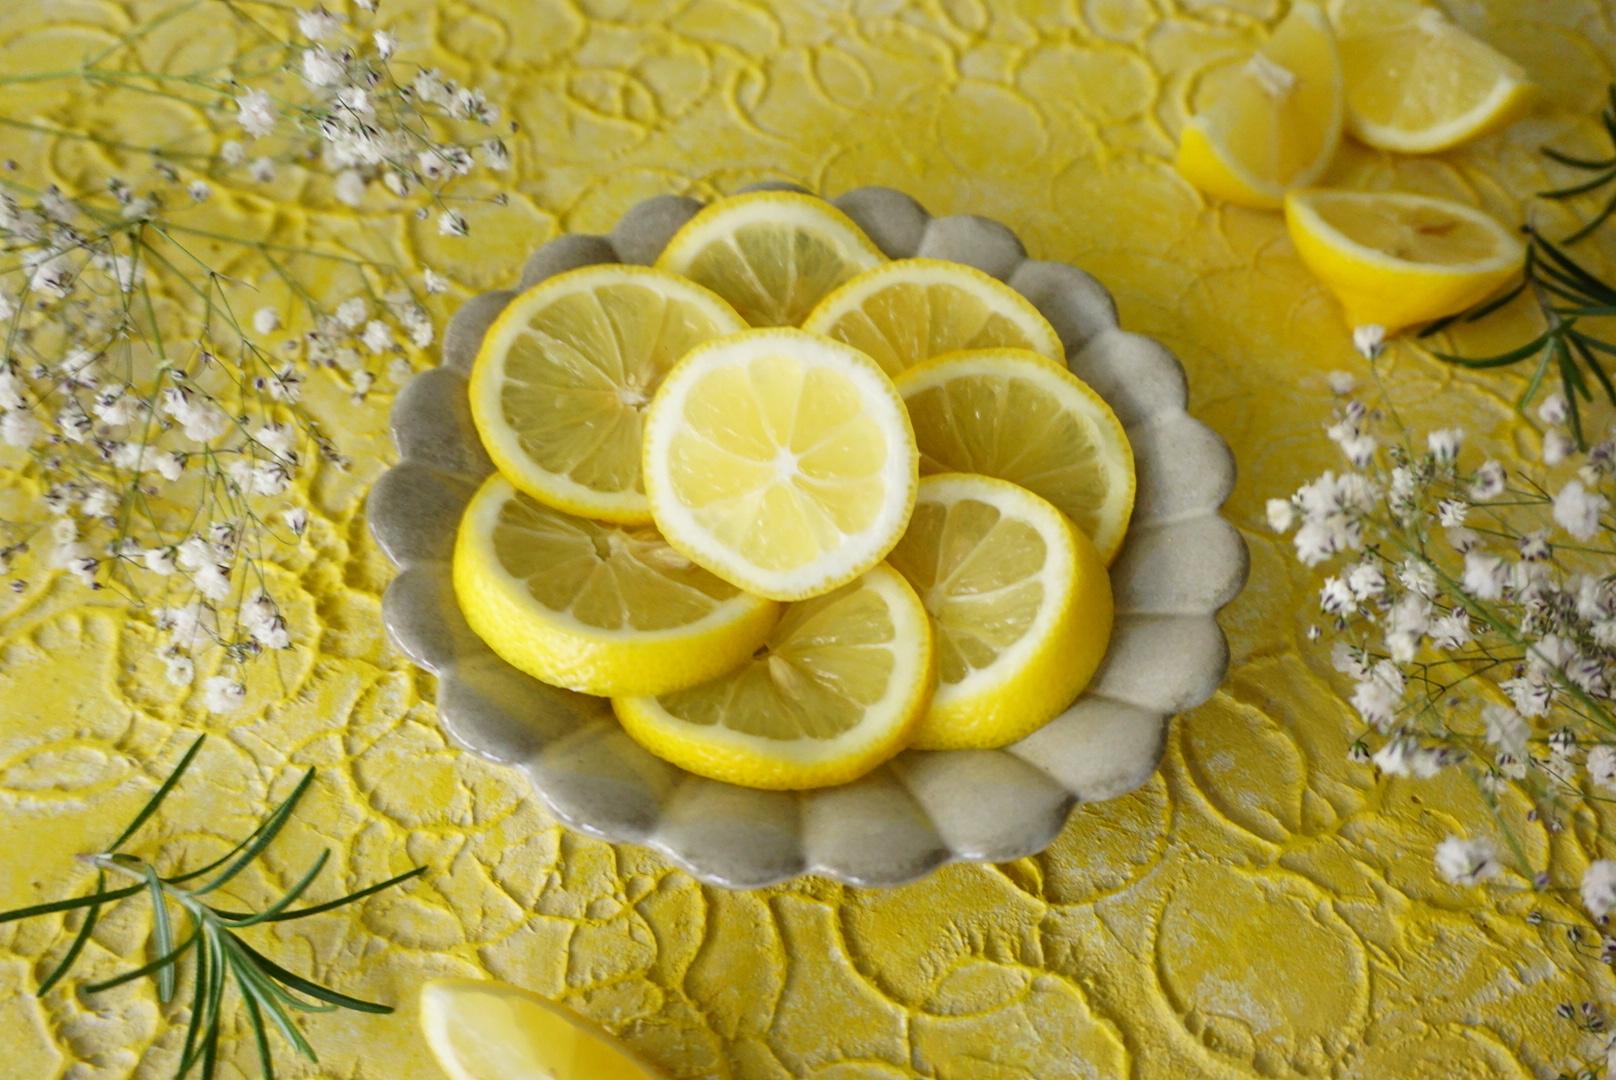 フレッシュレモネード60㎝ 北欧テキスタイル のような 漆喰系 黄色 写真撮影用 背景 スタイリングボード イエロー 大阪